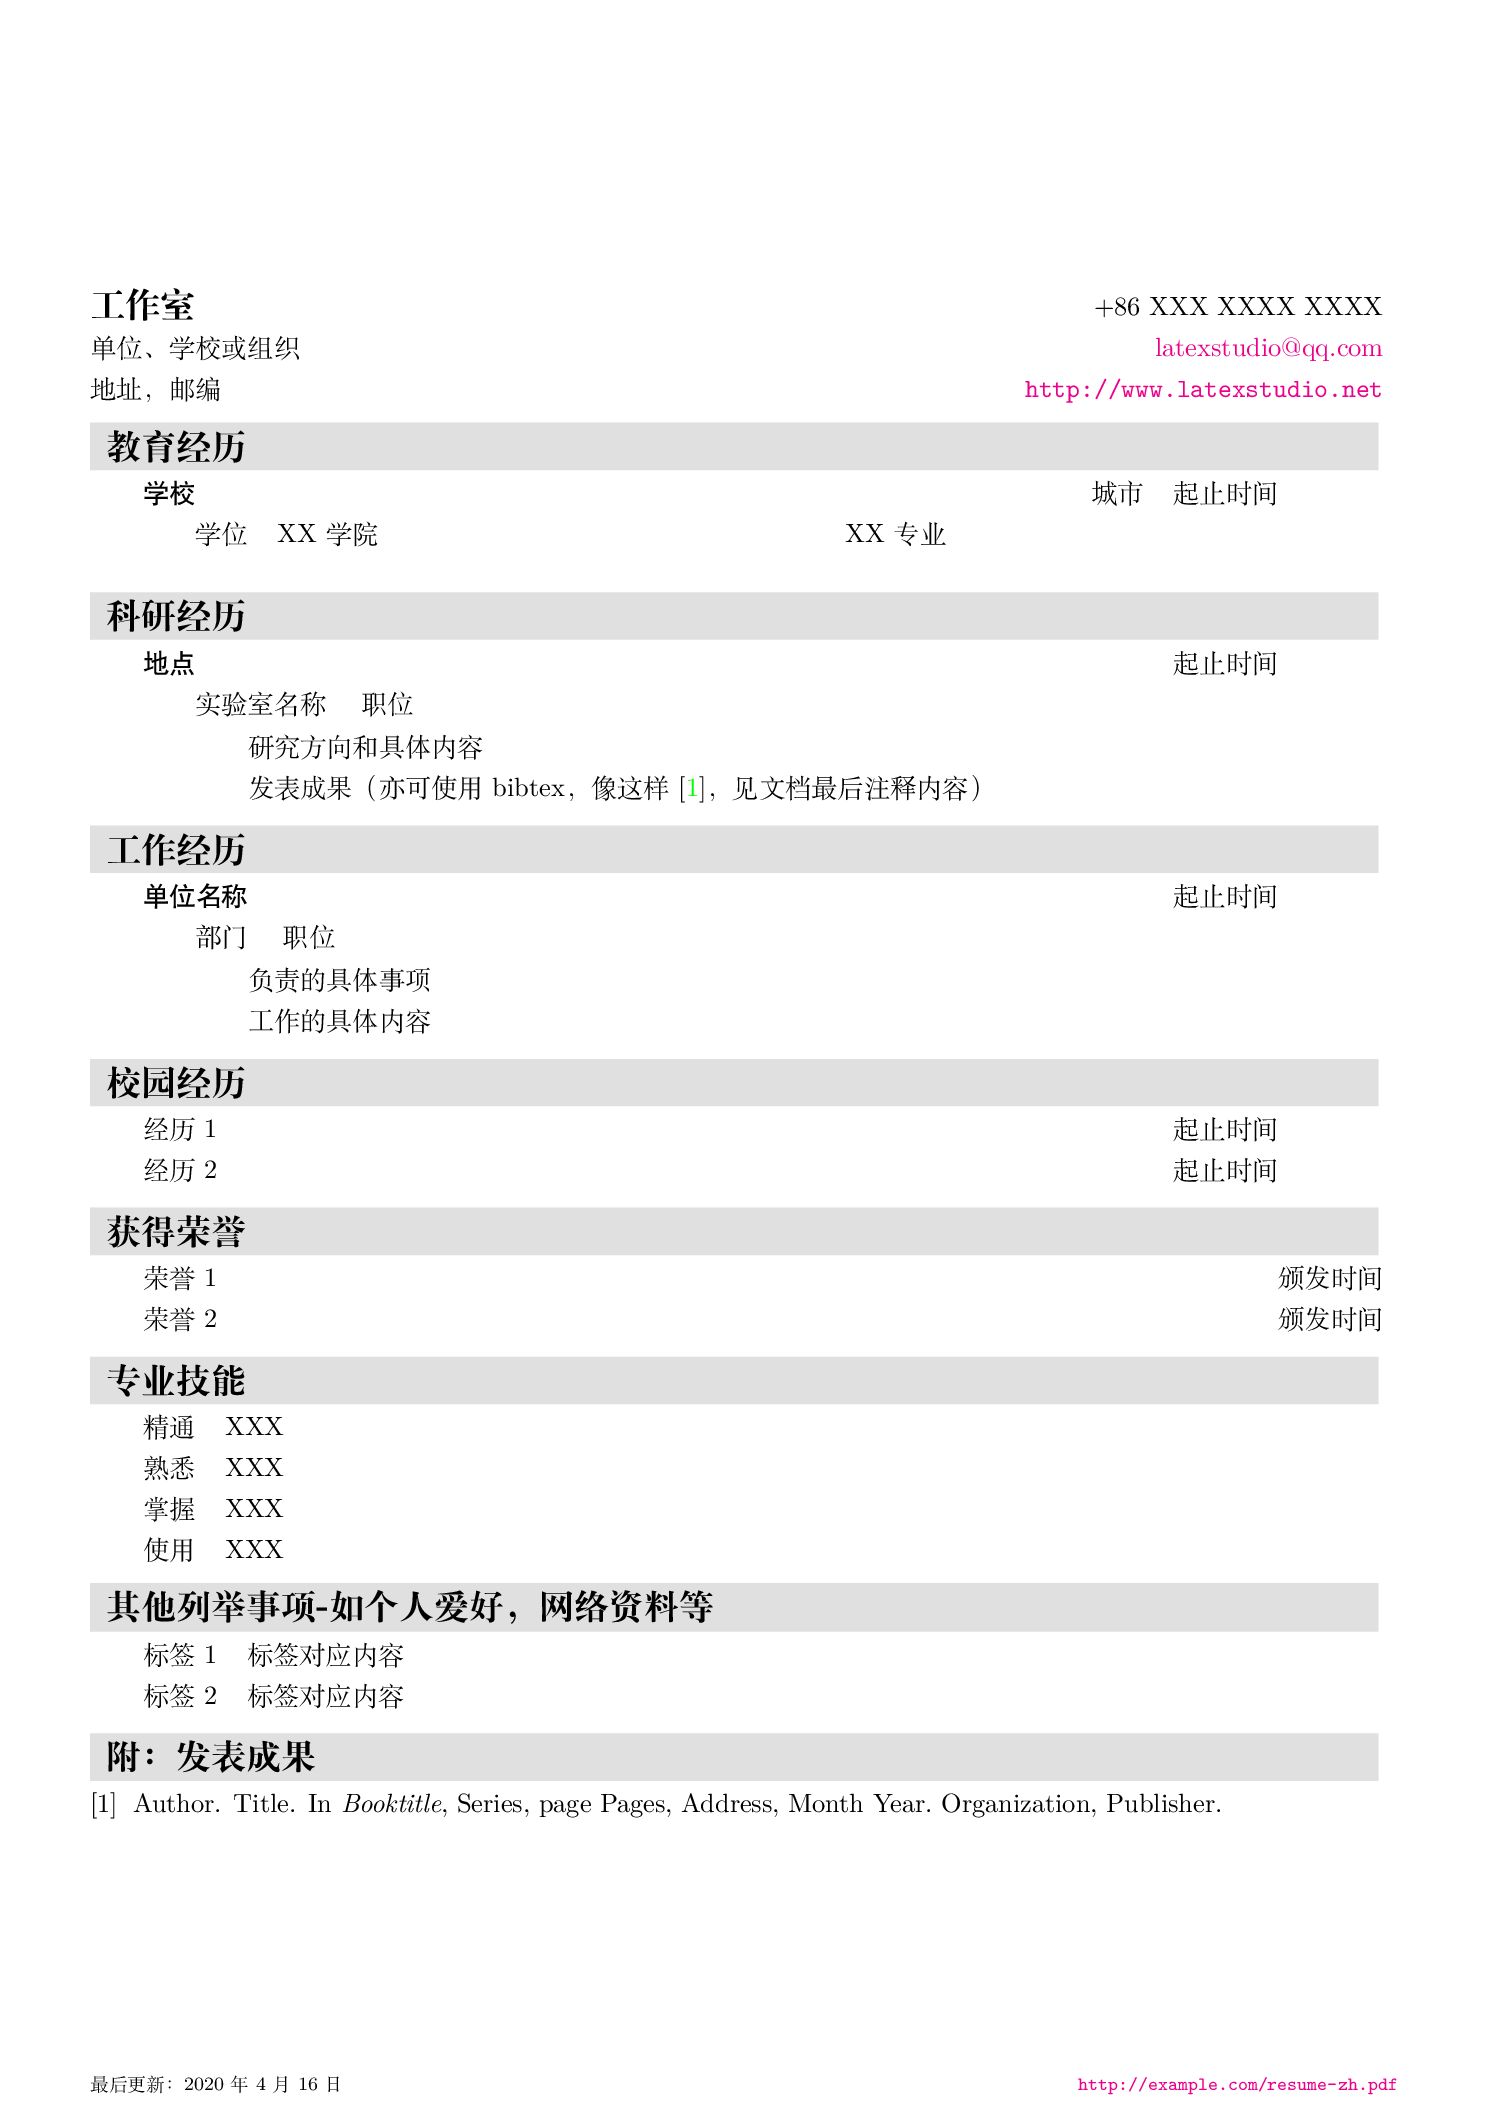 一個中英文兼容的灰色 LaTeX 簡歷樣式